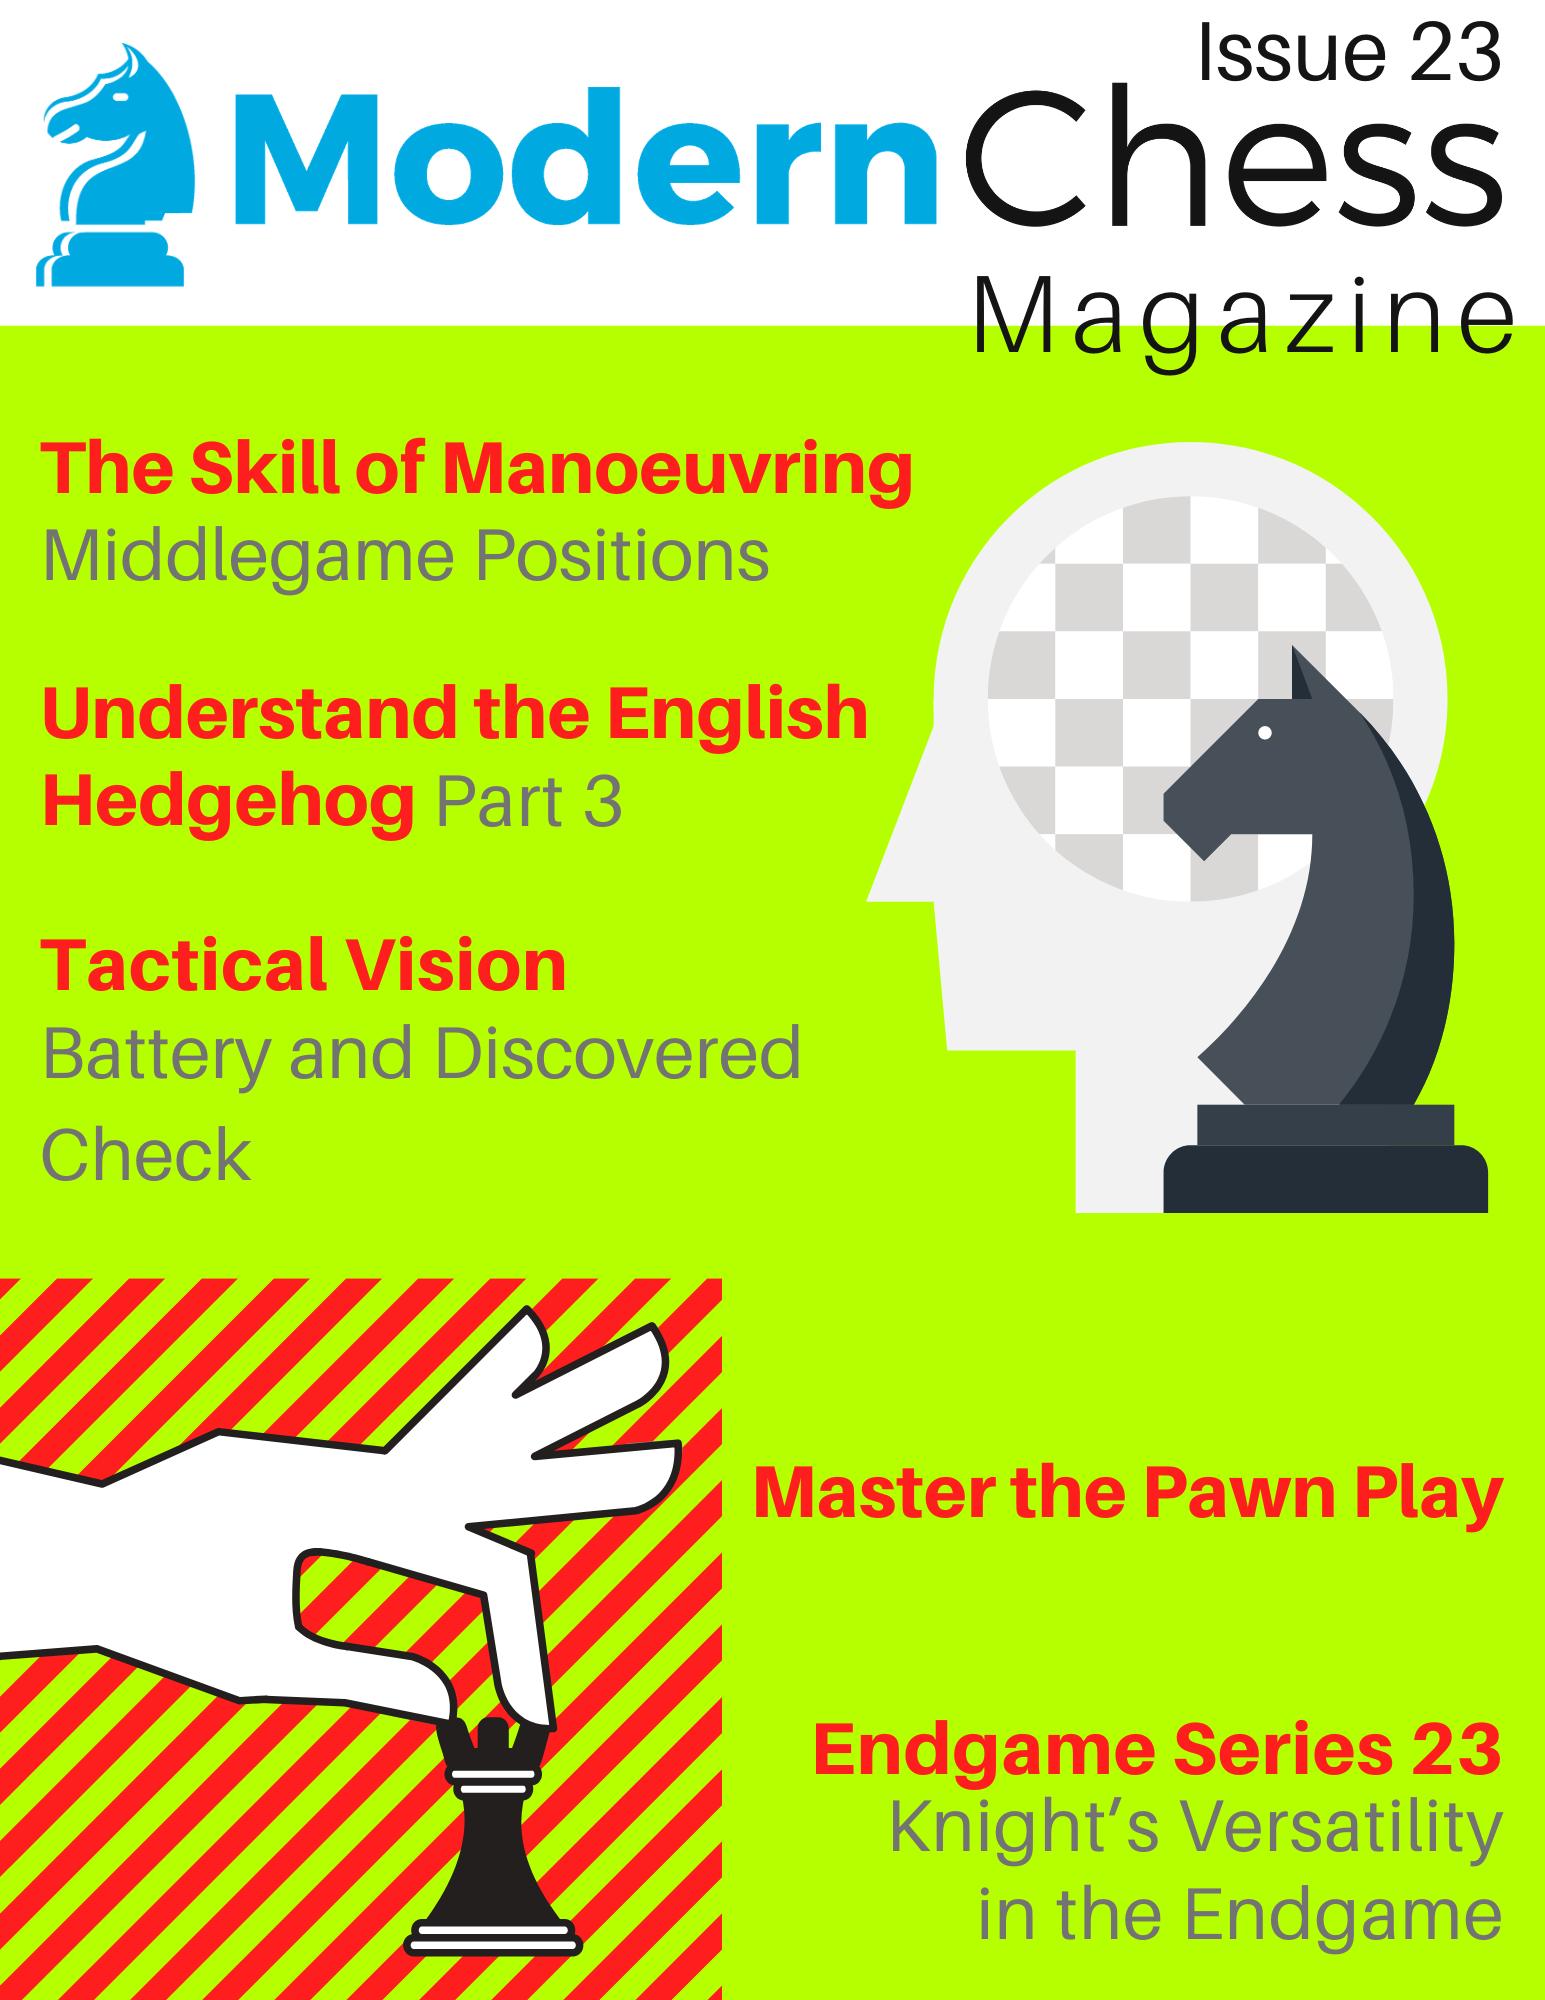 Modern Chess Magazine - Issue 23